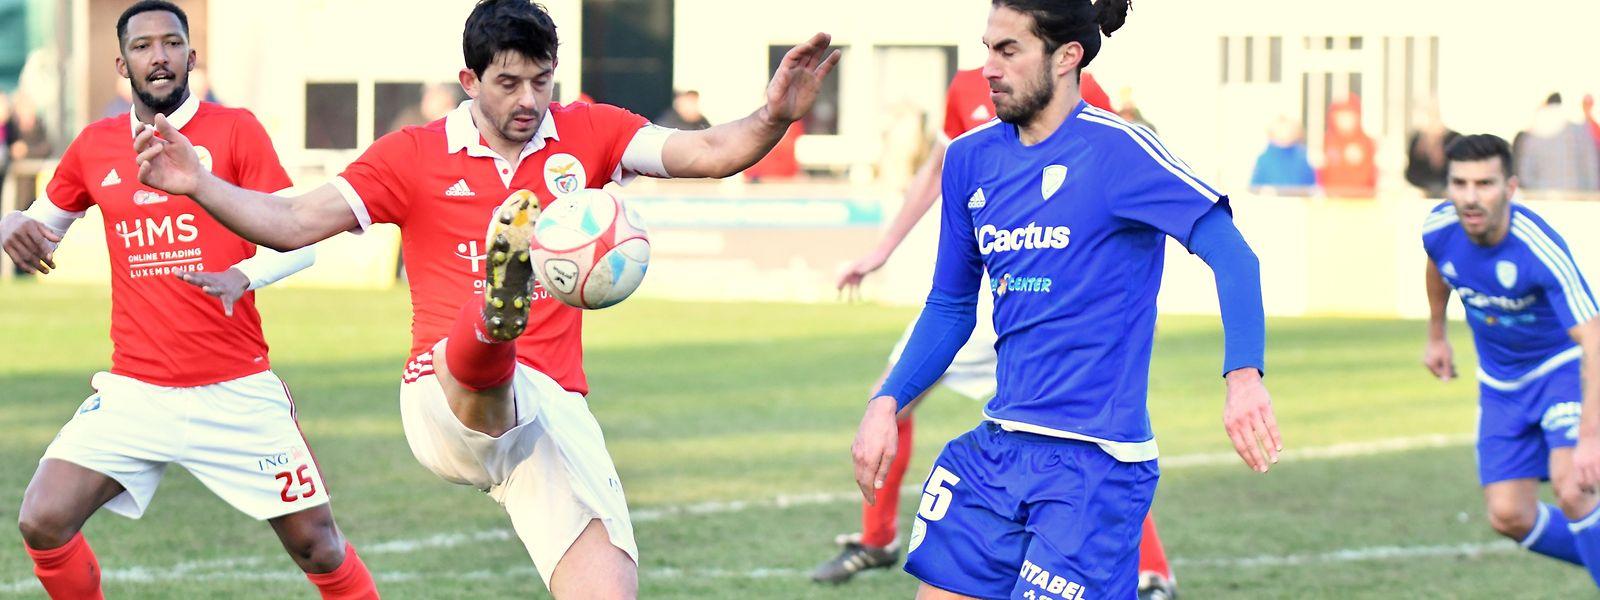 RM Hamm Benfica (rot) muss den Punkt wieder abgeben.